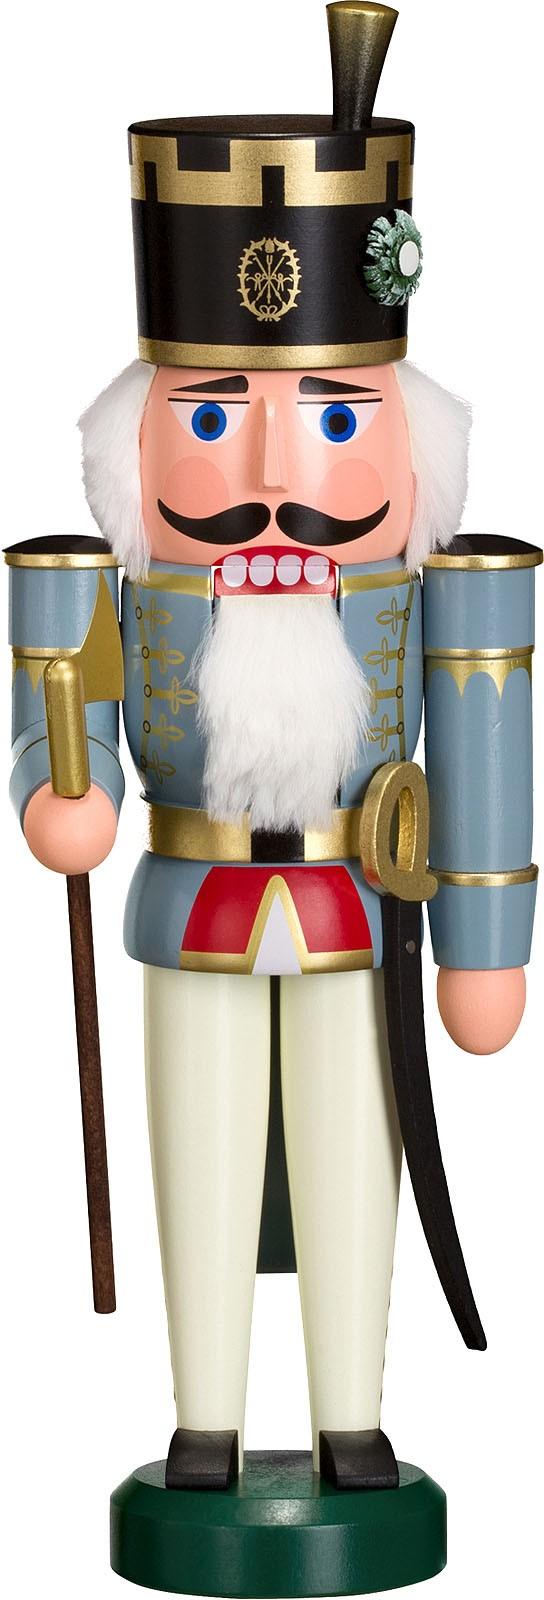 Nussknacker Offiziant, 29 cm